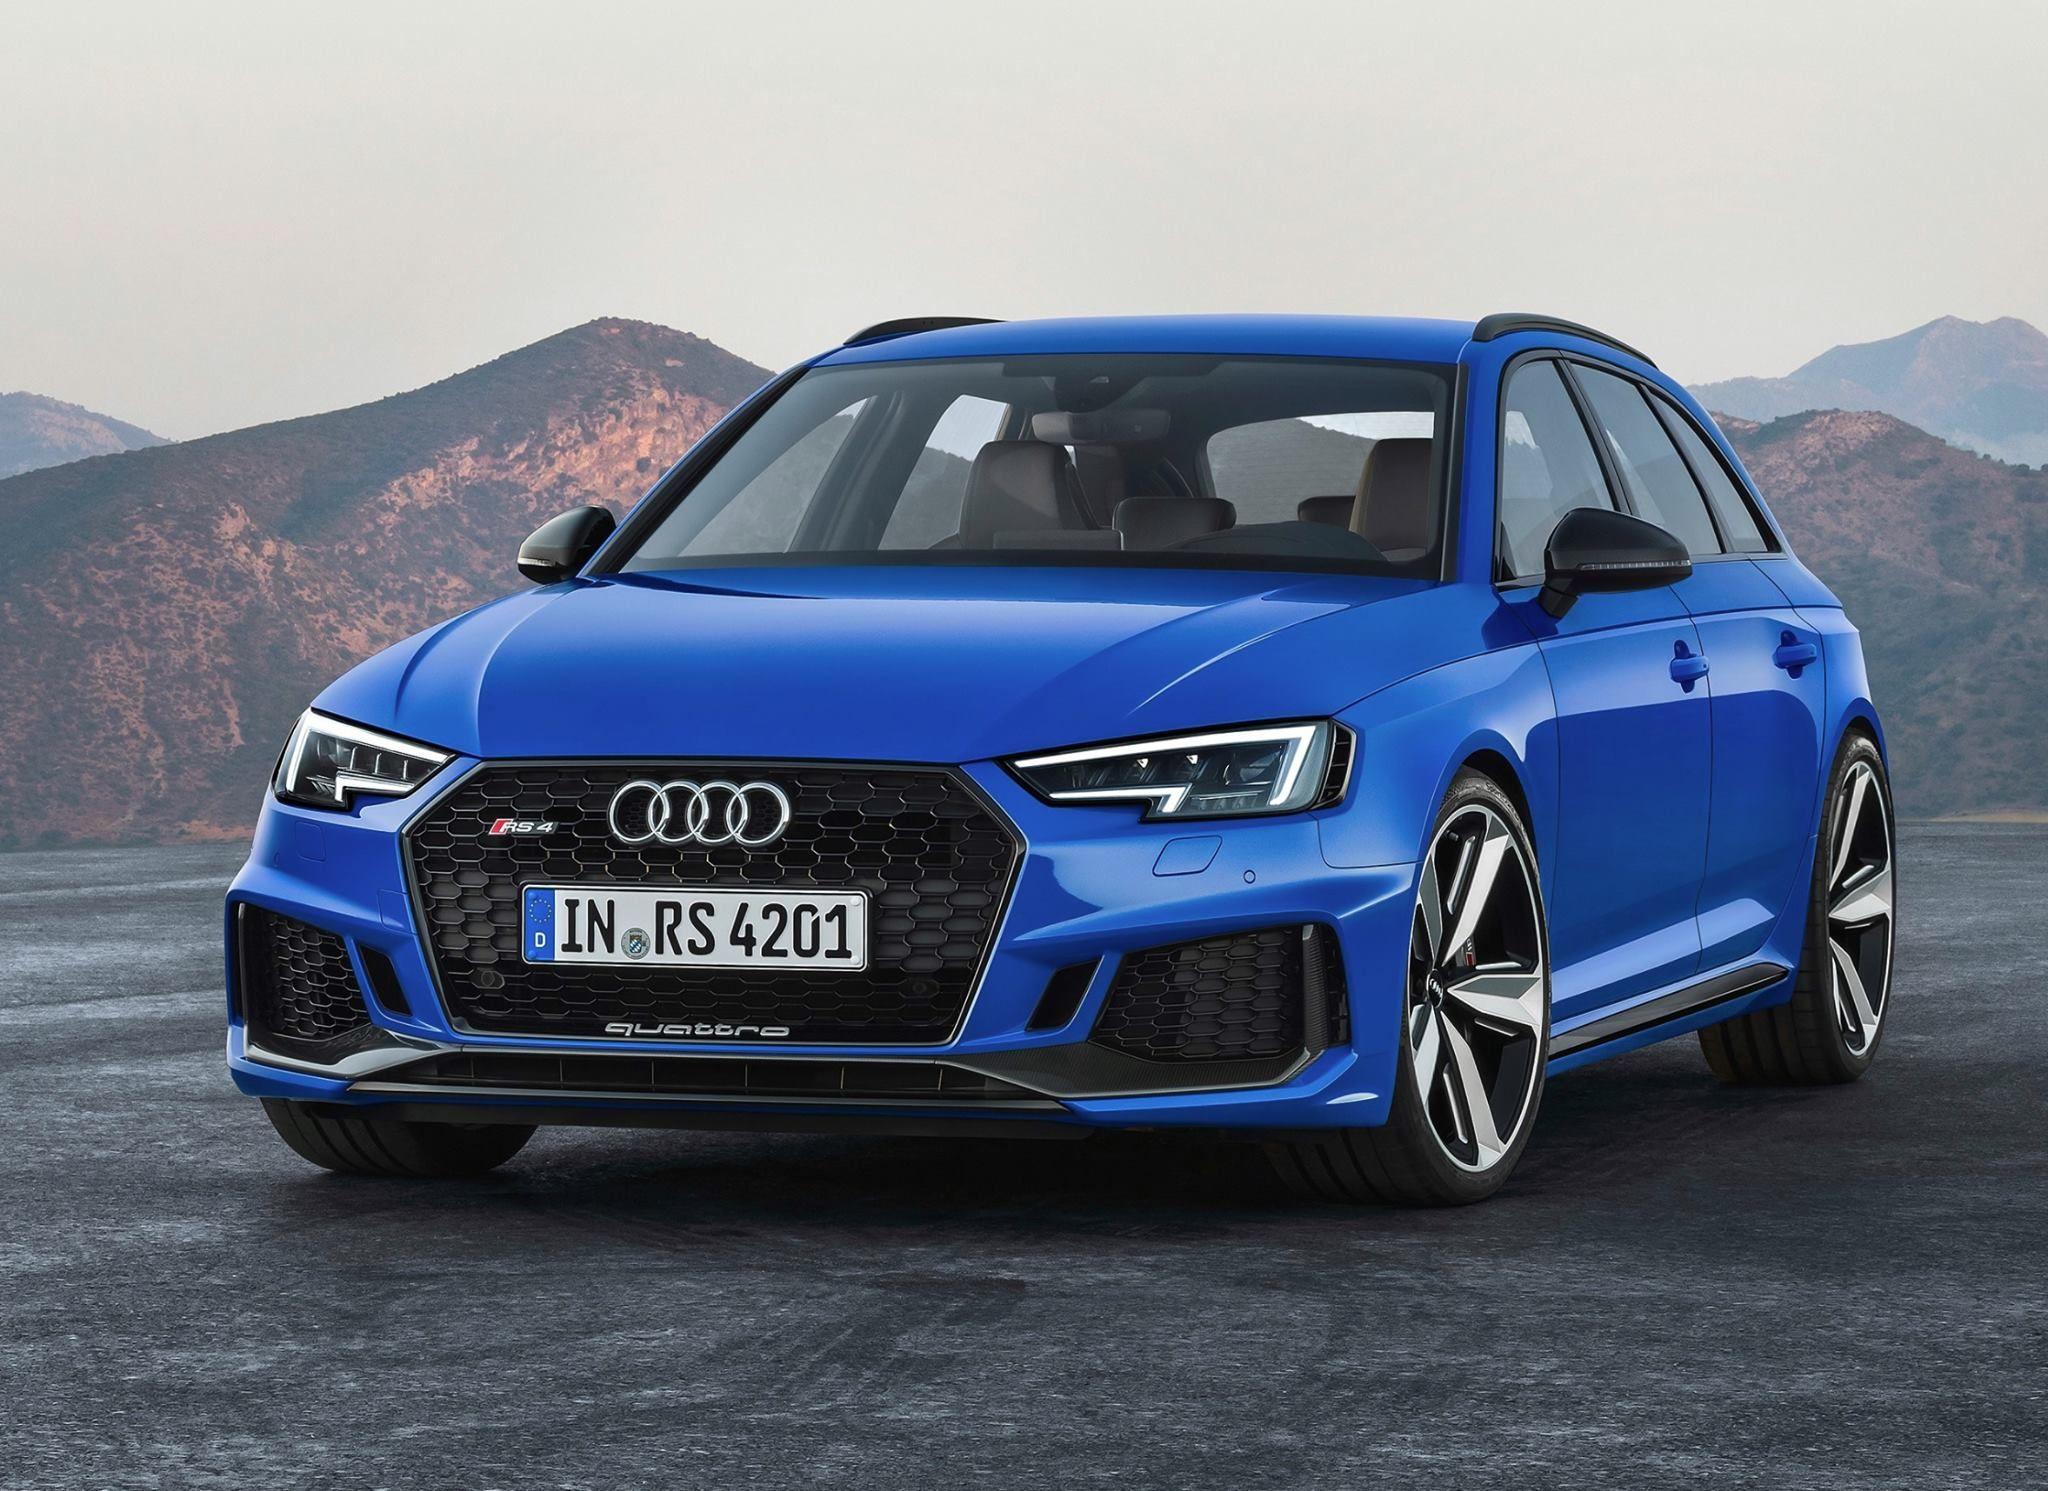 2018 Audi Rs 4 Avant Audi Rs4 Audi Usa Audi Rs